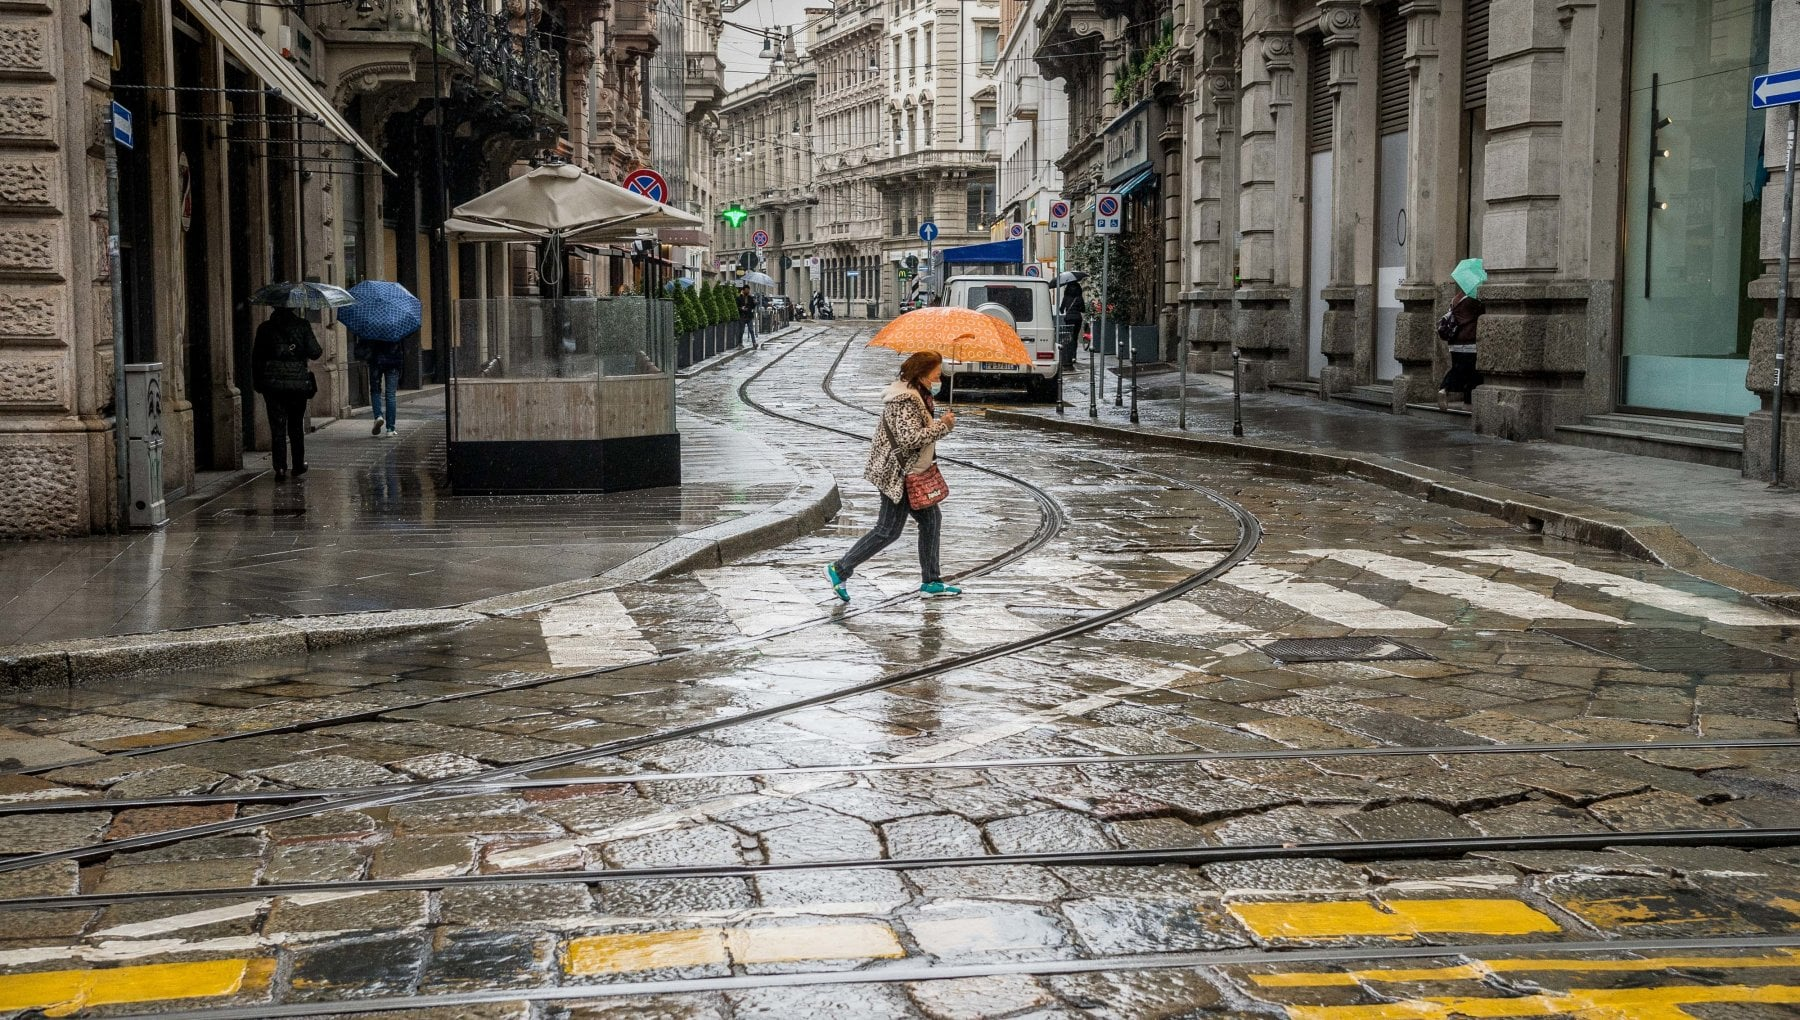 143547037 f3aa02d1 1732 40ec 8cf1 17373b13c1e9 - Meteo, primavera in ritardo: in settimana piogge, vento e neve